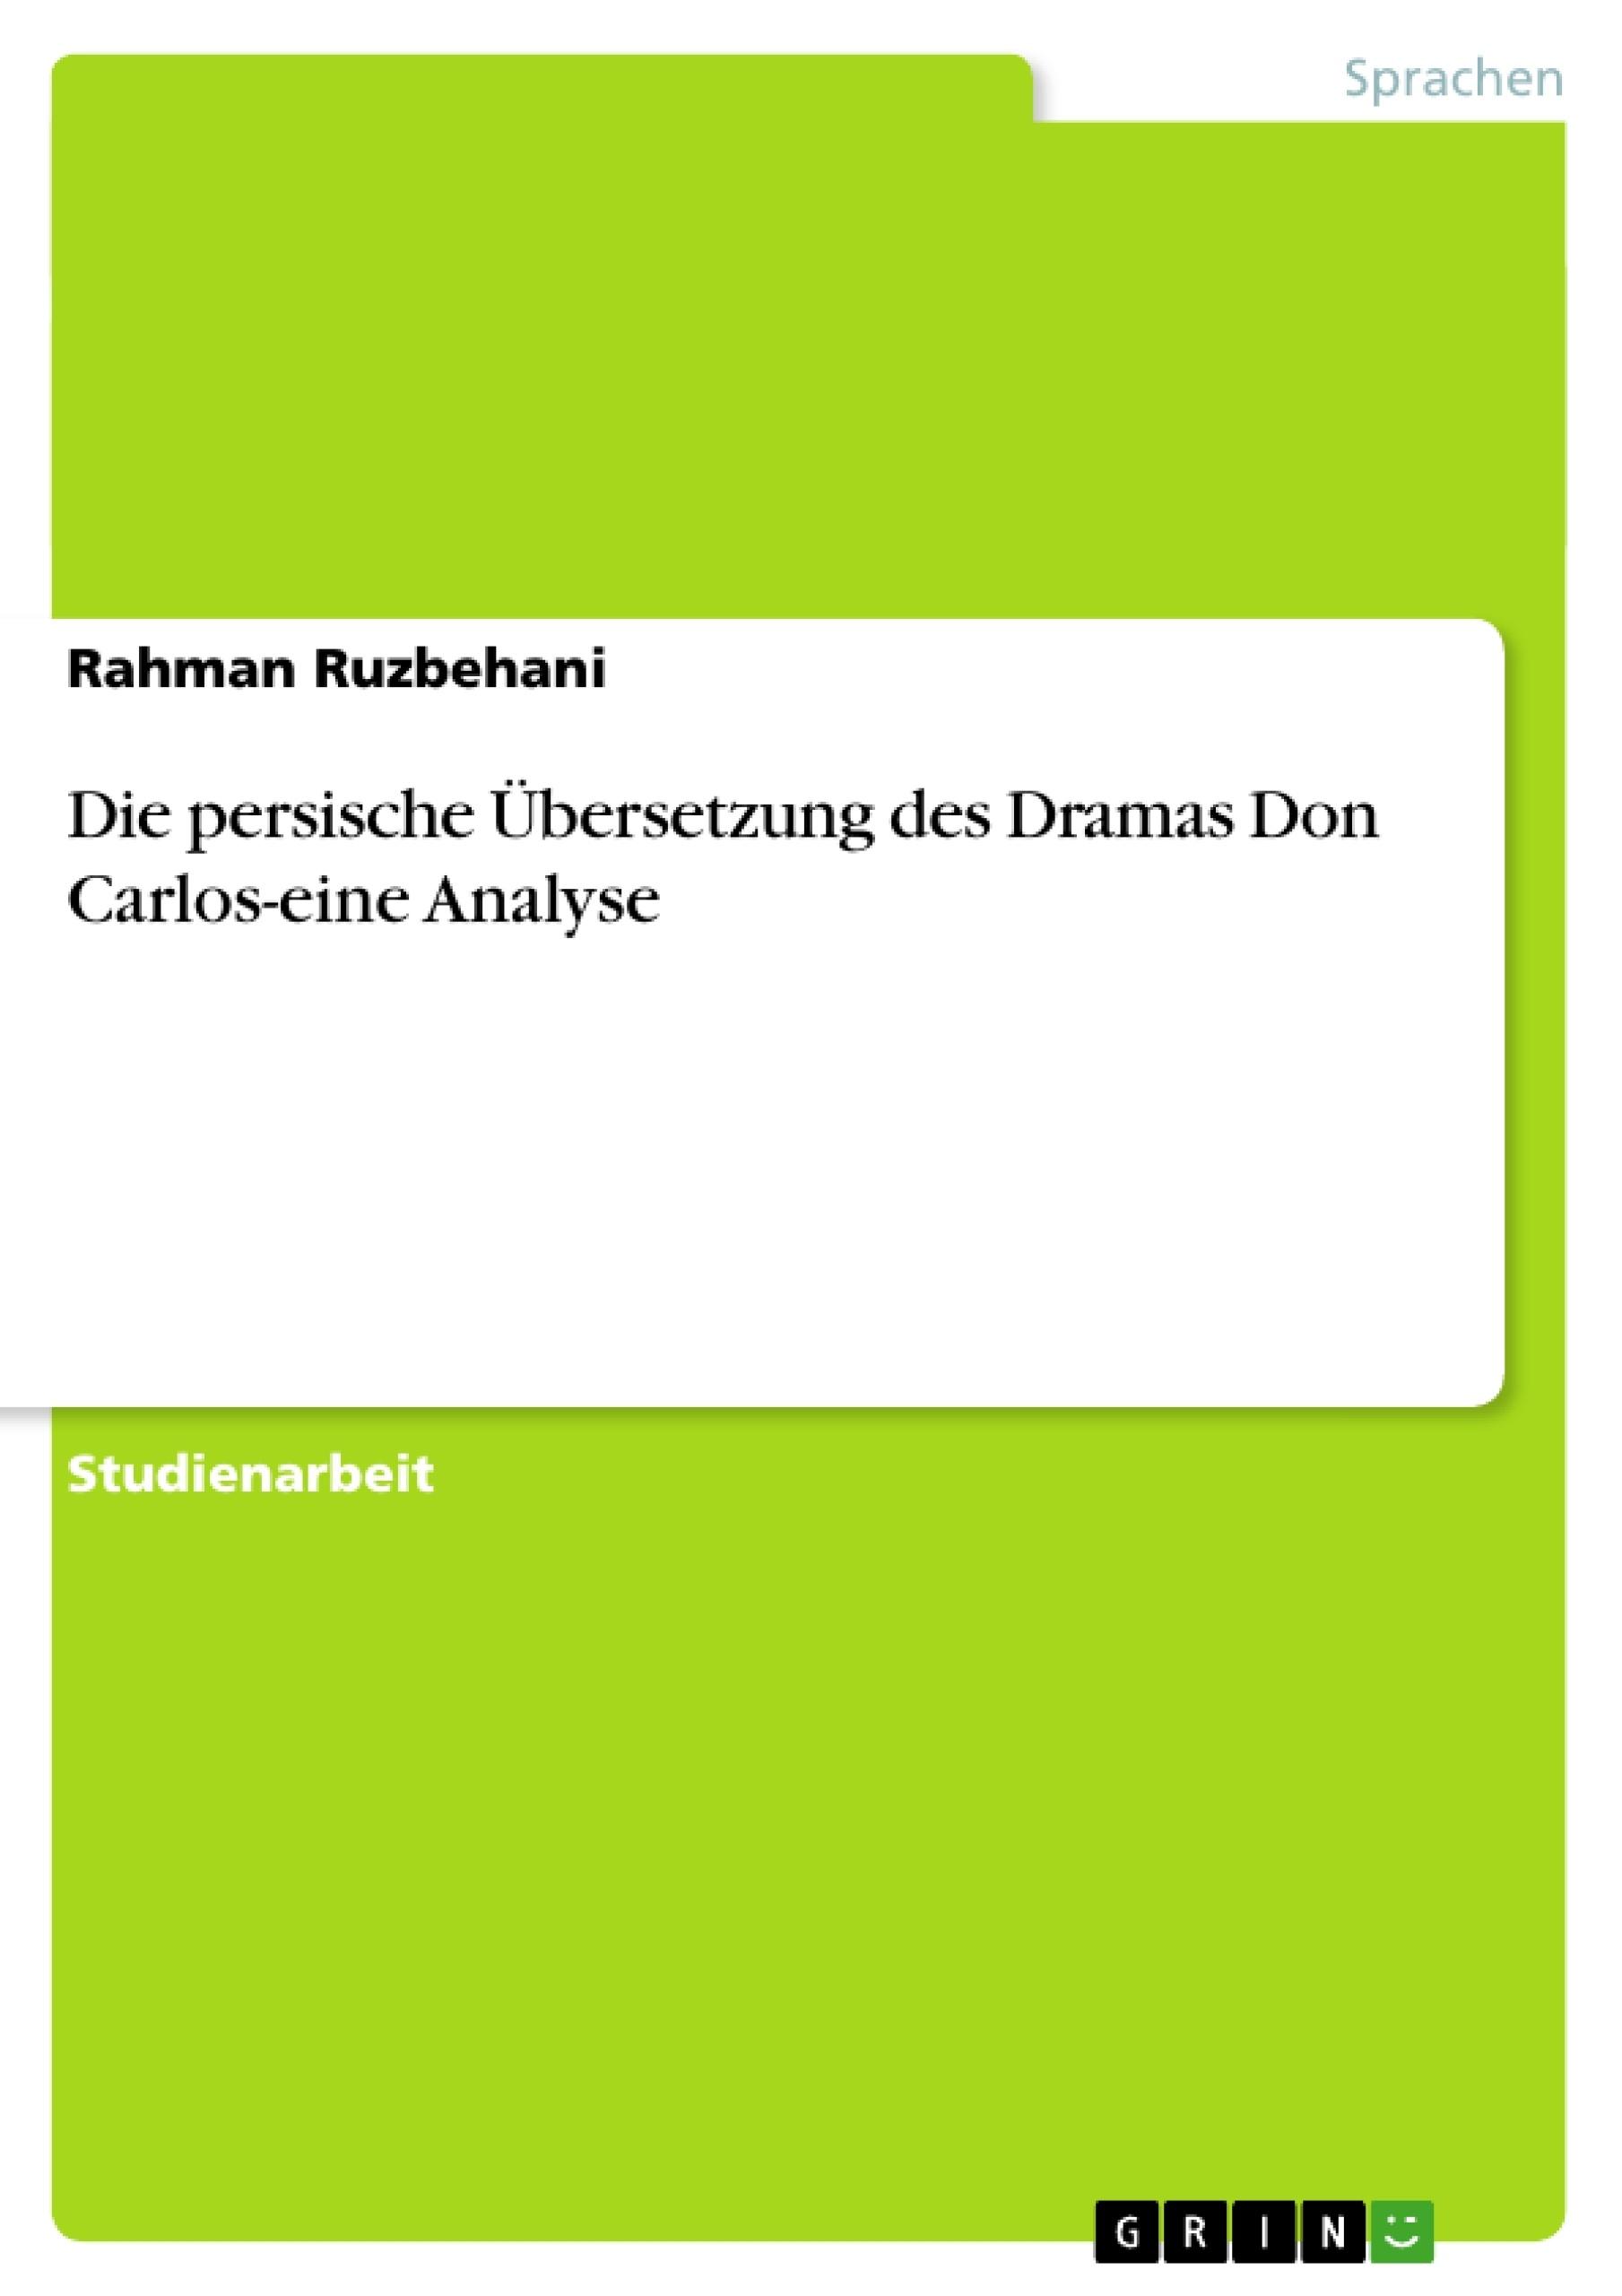 Titel: Die persische Übersetzung des Dramas Don Carlos-eine Analyse